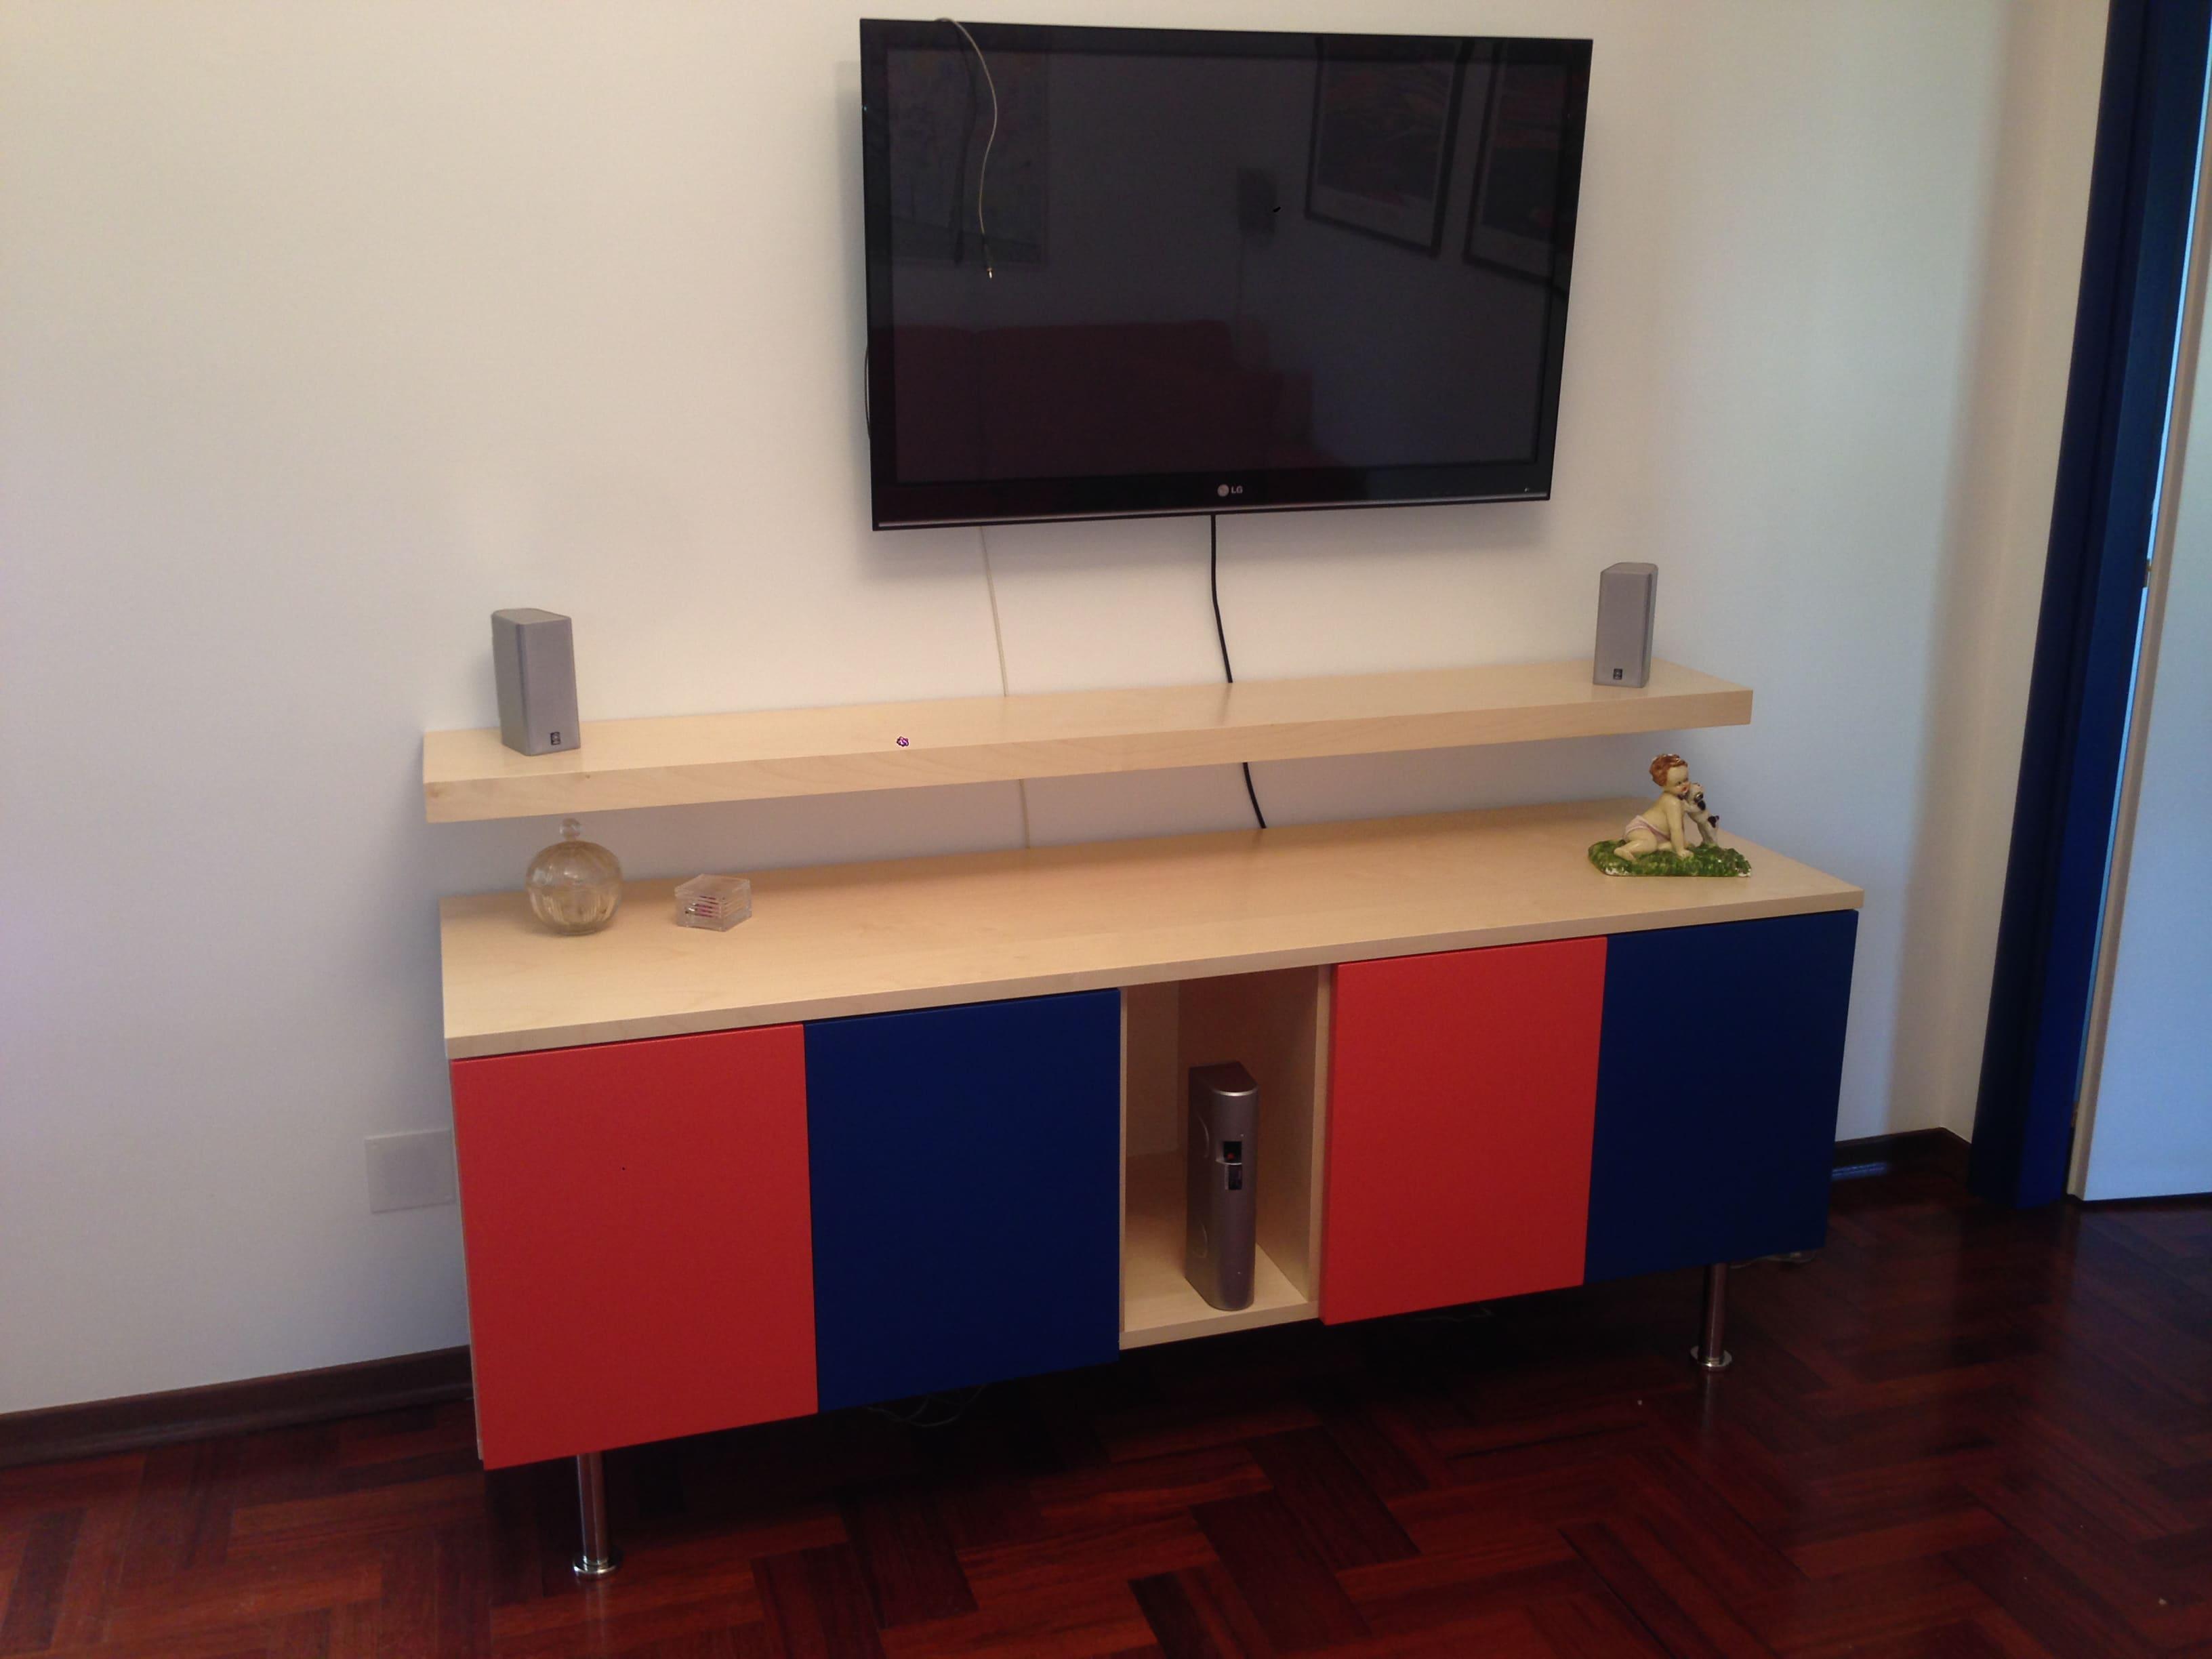 Mobile base in legno listellare verniciato con mensola